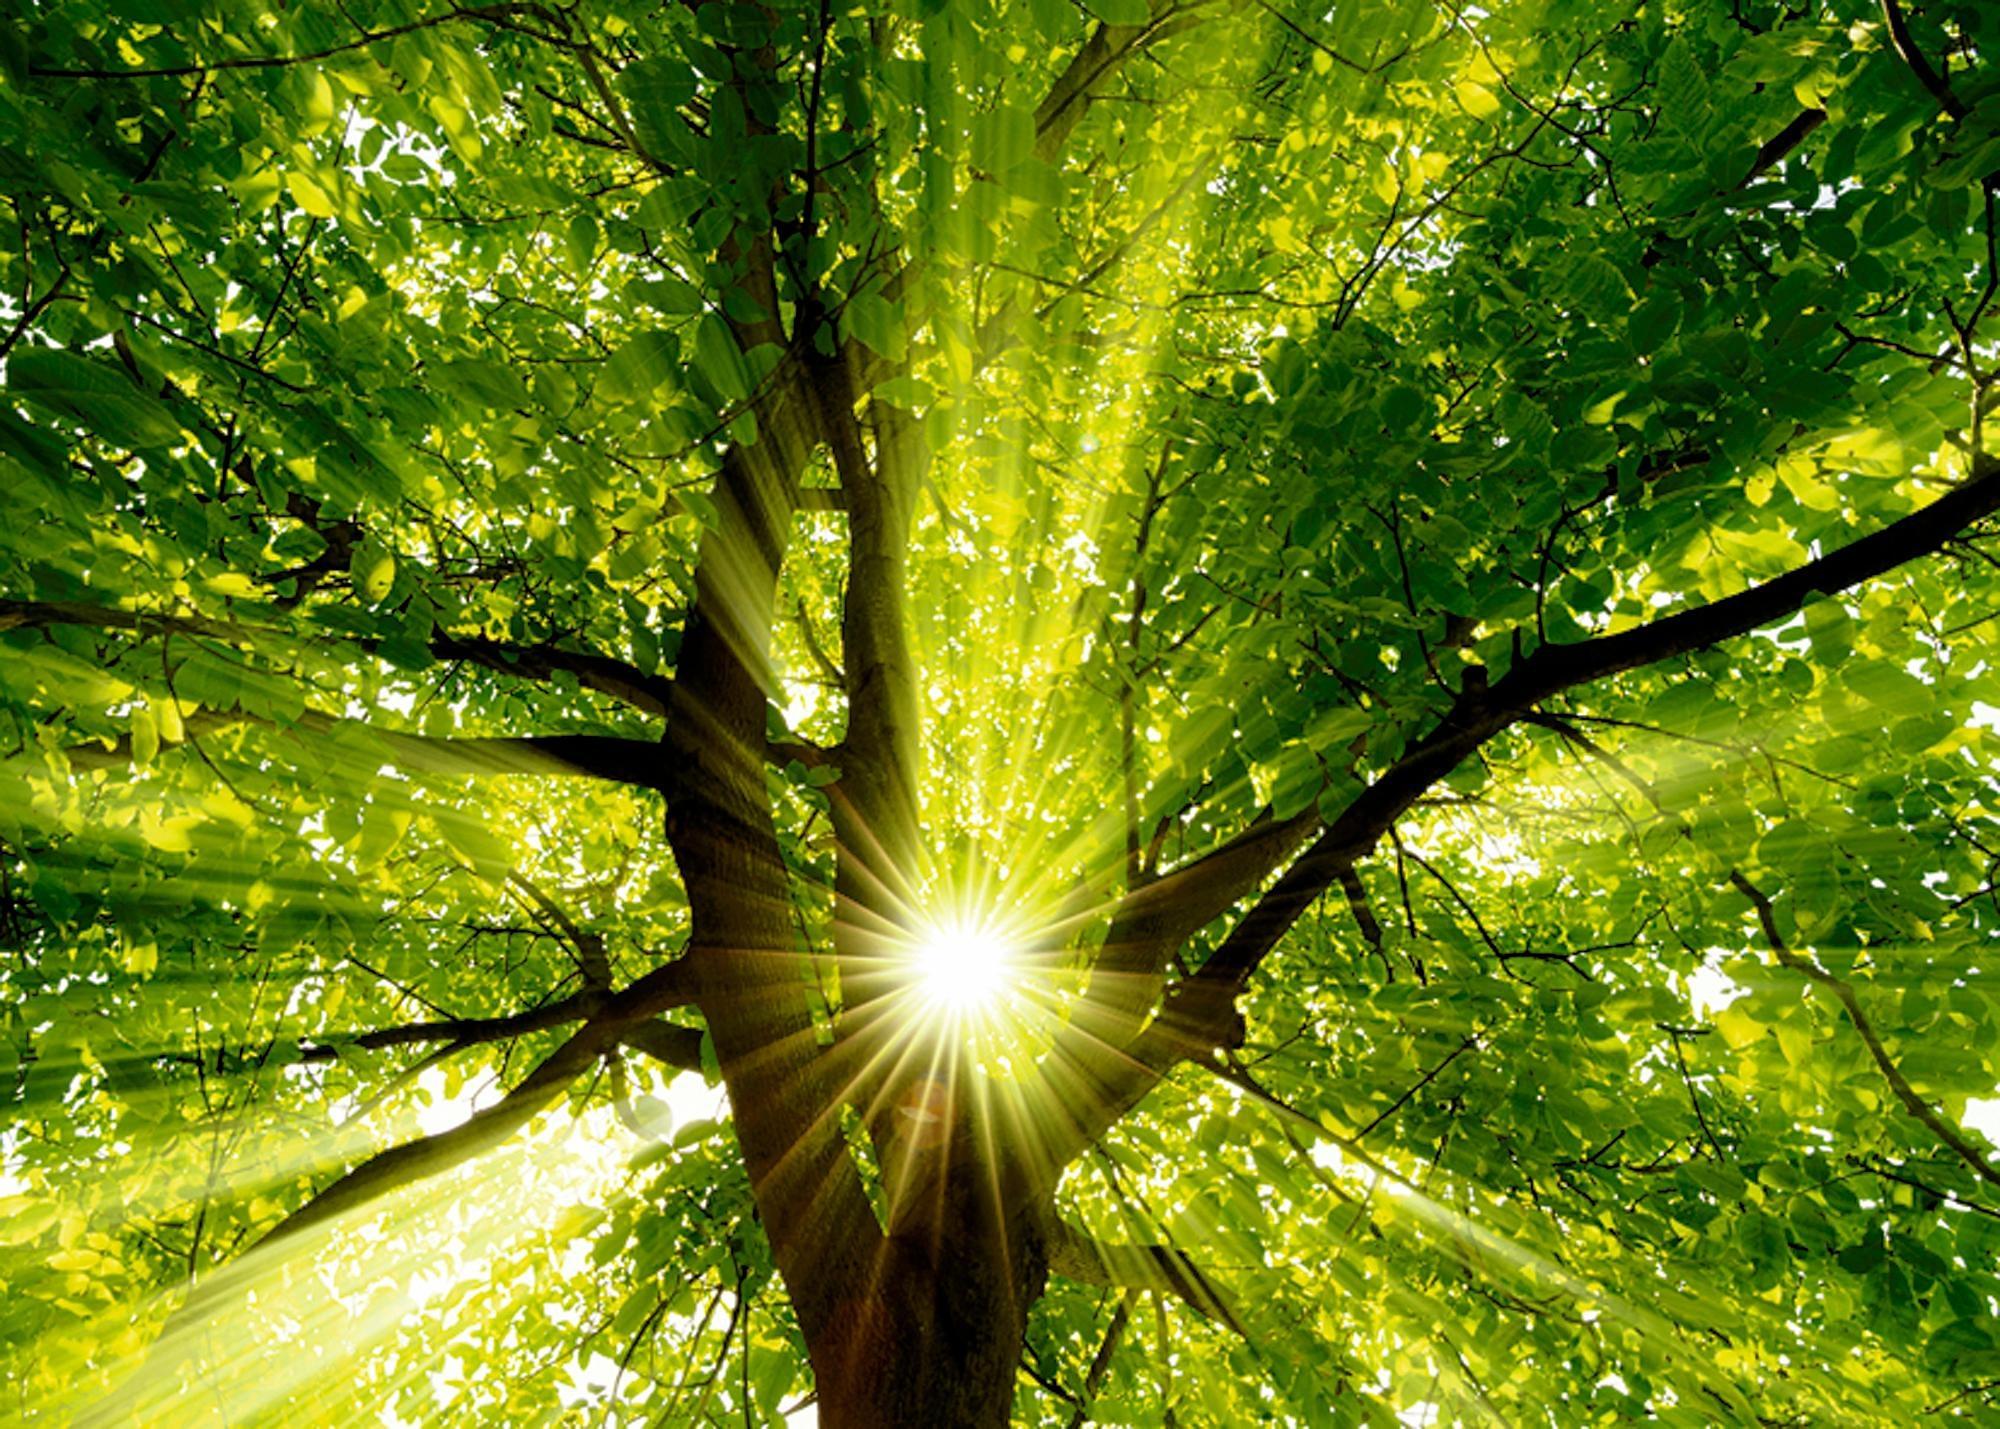 Home affaire artprint op linnen Smileus: zon straalt explosief door de boom 70/50 cm bij OTTO online kopen